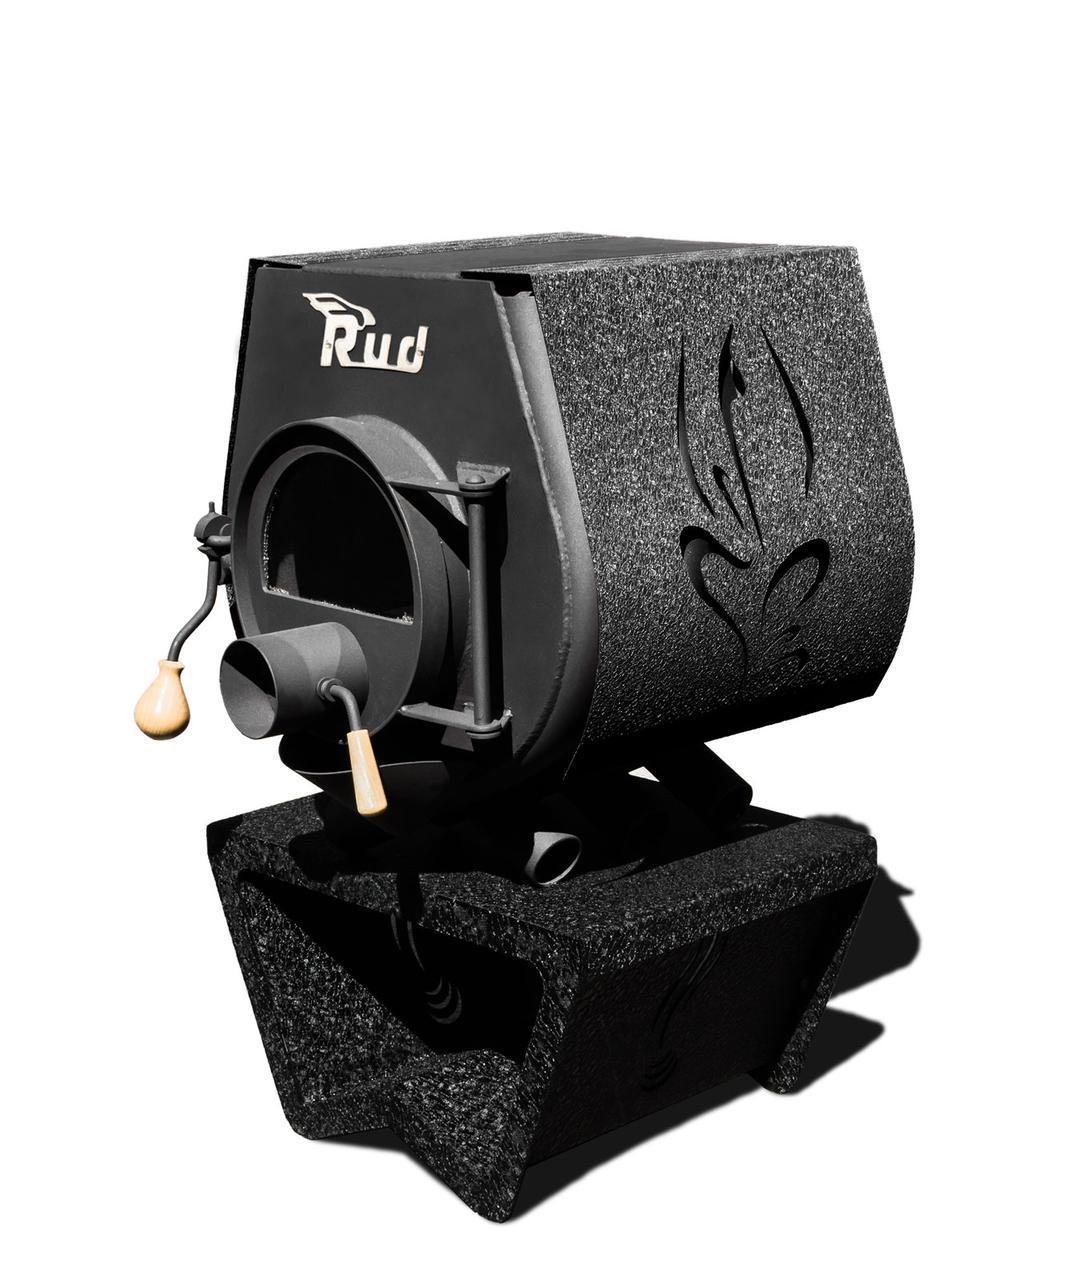 Отопительная конвекционная печь Rud Pyrotron Кантри 00 с варочной поверхностью Обшивка декоративная